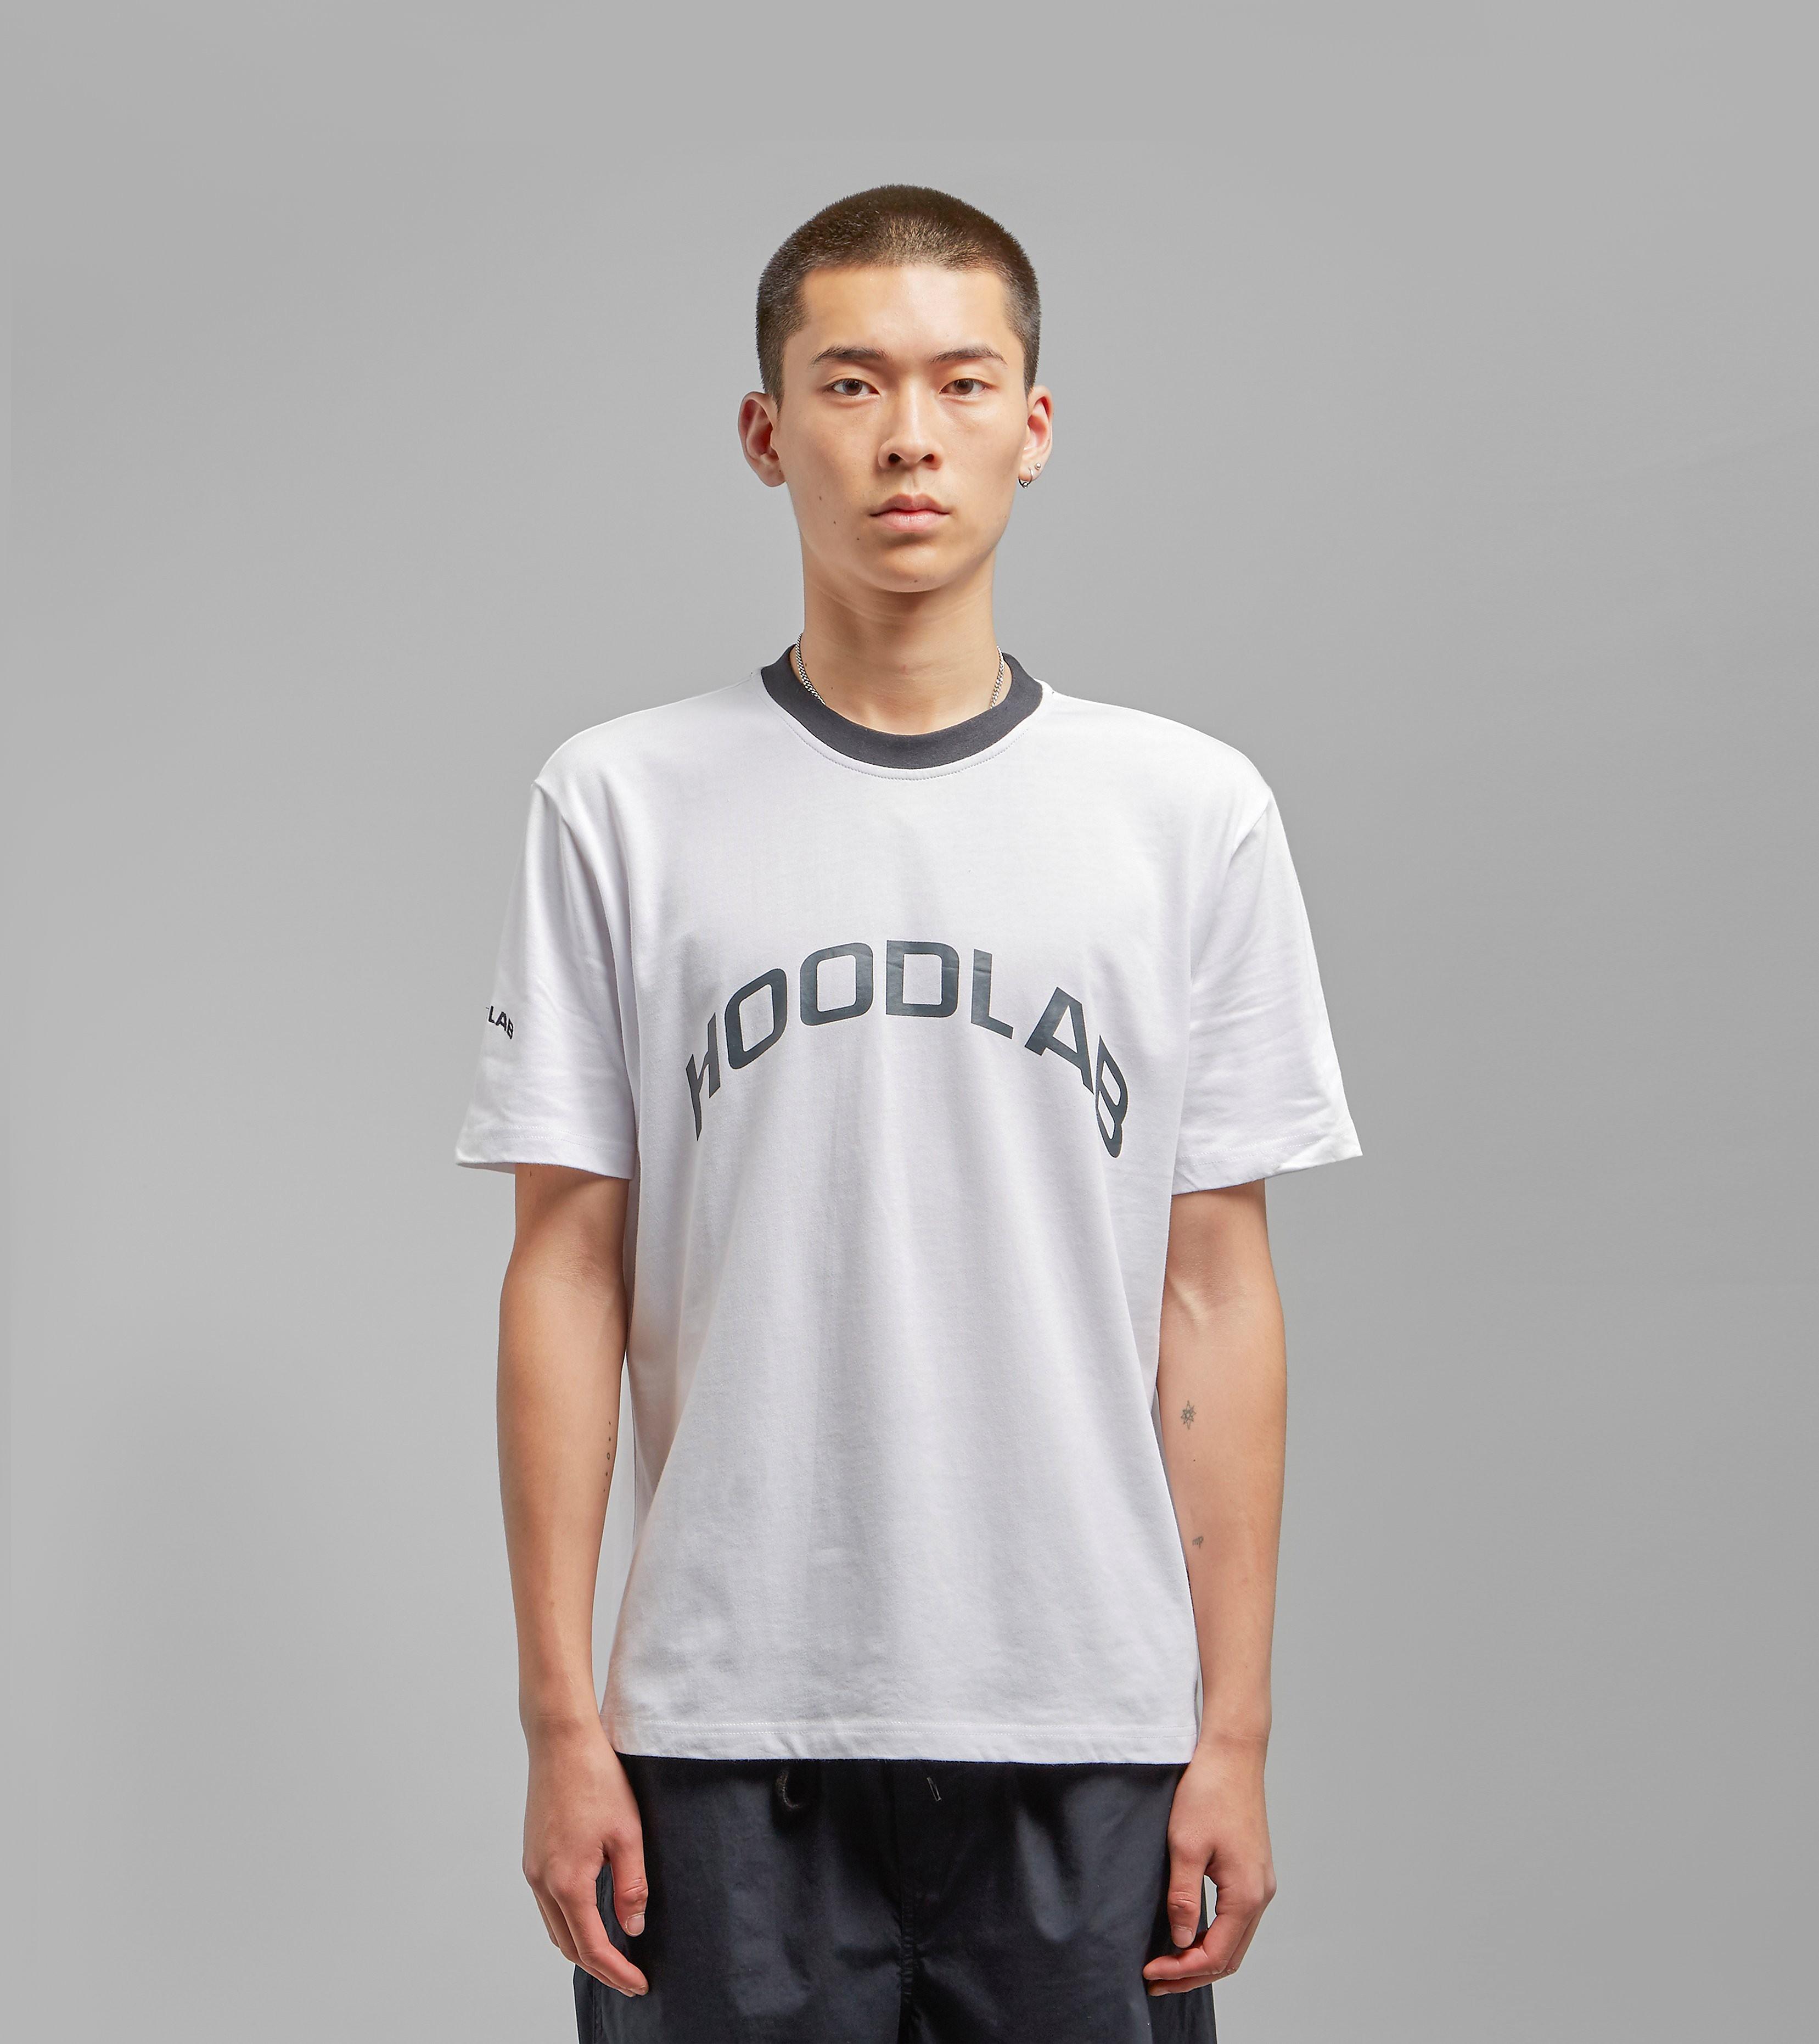 Hoodlab T-Shirt Anarchy, WHT